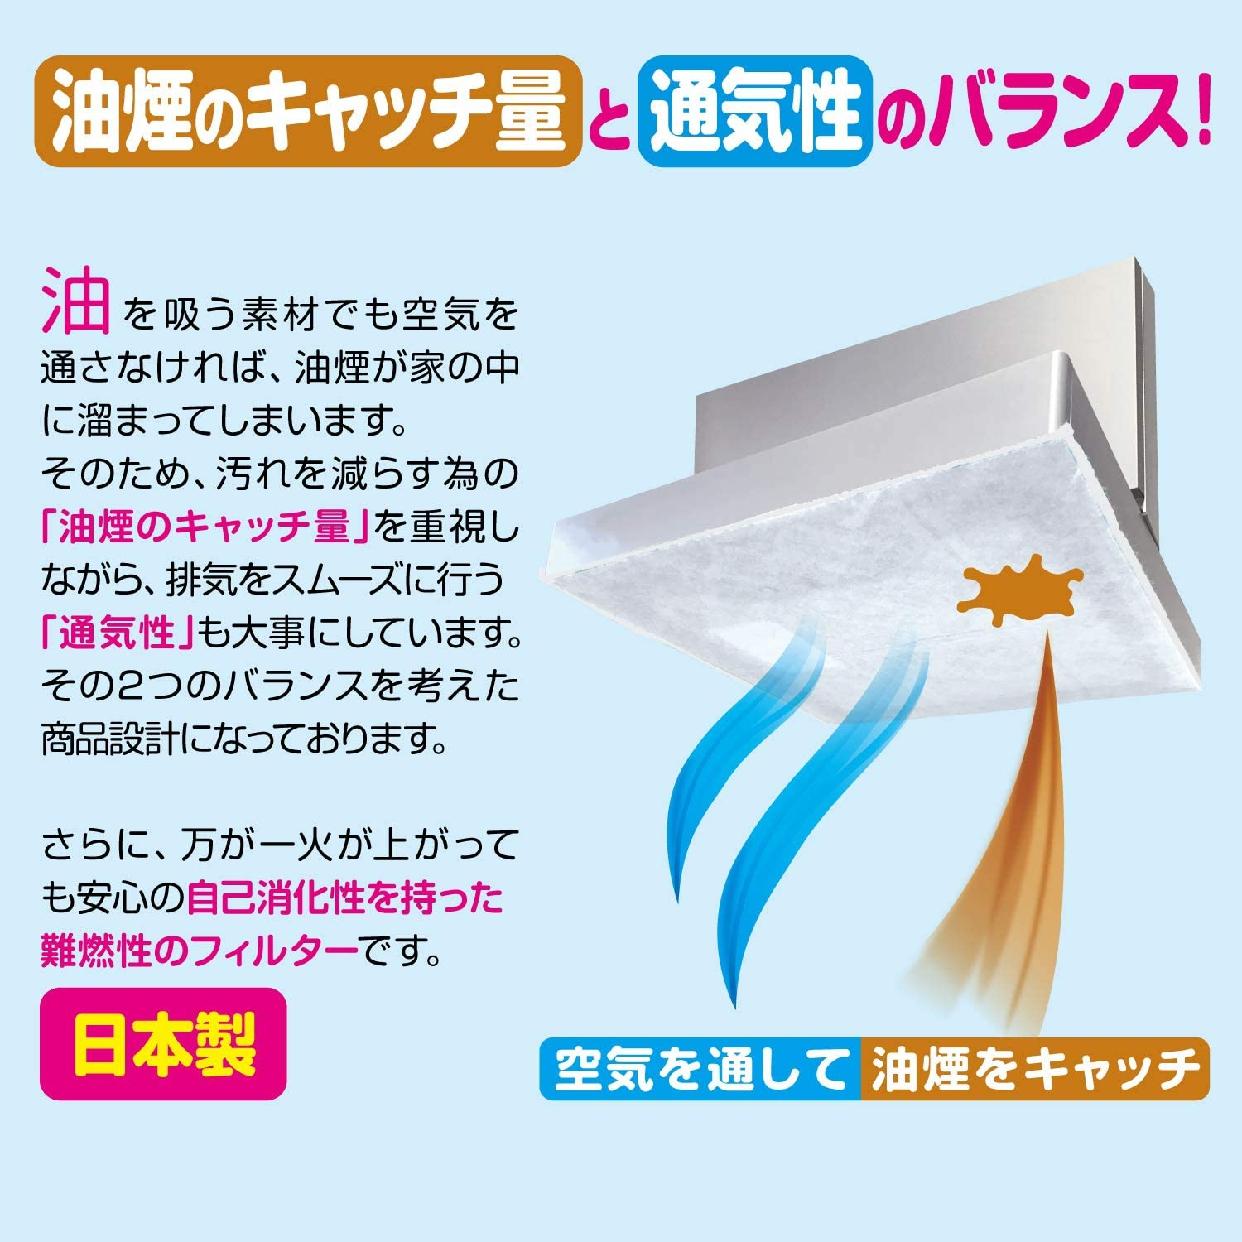 東洋アルミ(トウヨウアルミ)整流板付専用パッと貼るだけスーパーフィルター 1枚入 S3074の商品画像5